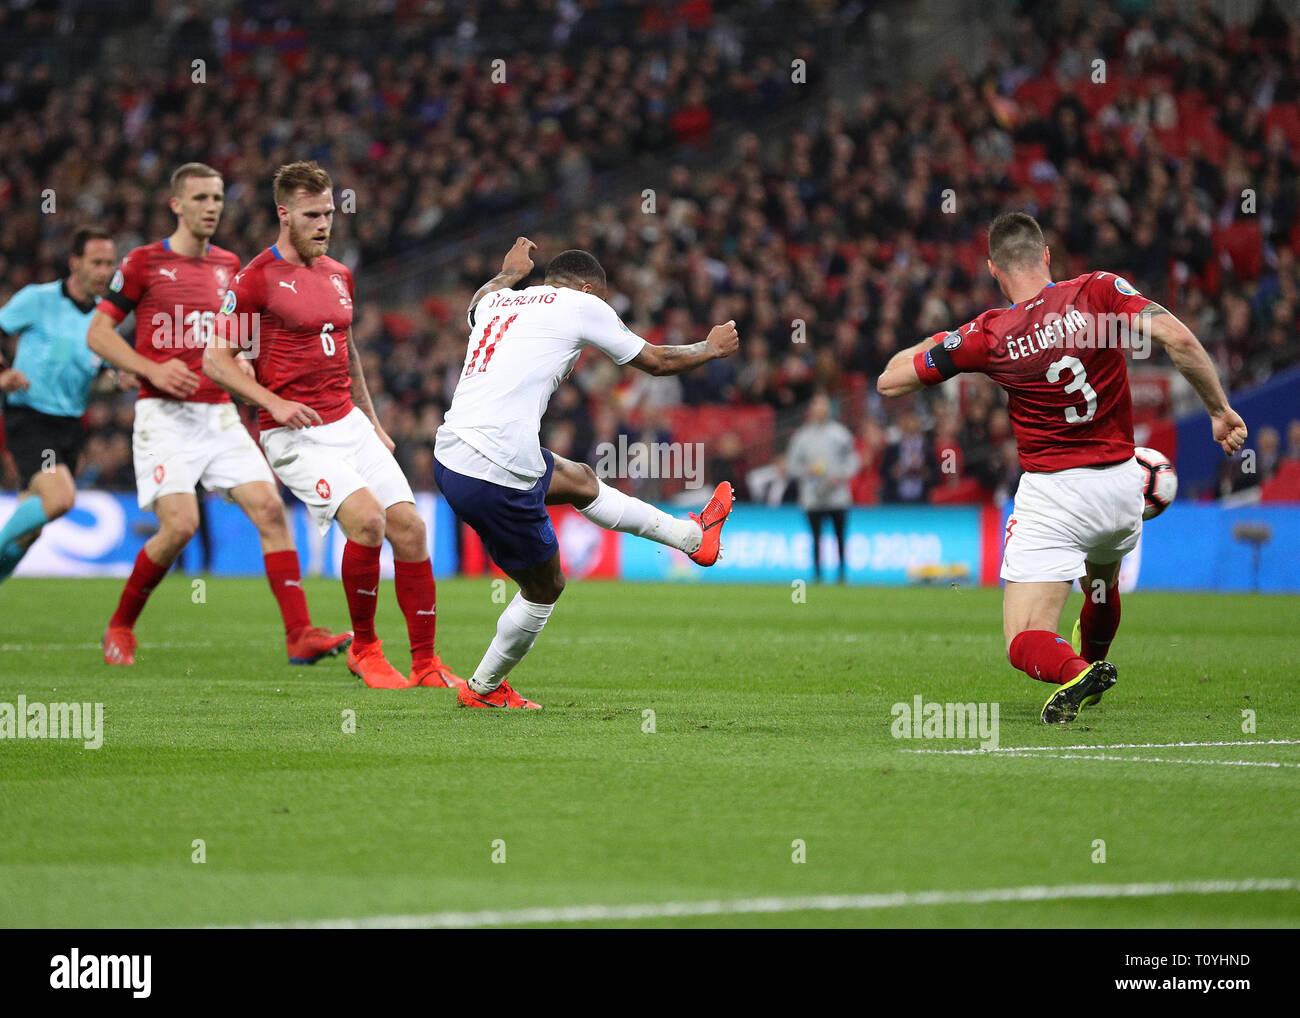 Wembley Stadion London Uk 22 Mar 2019 Uefa